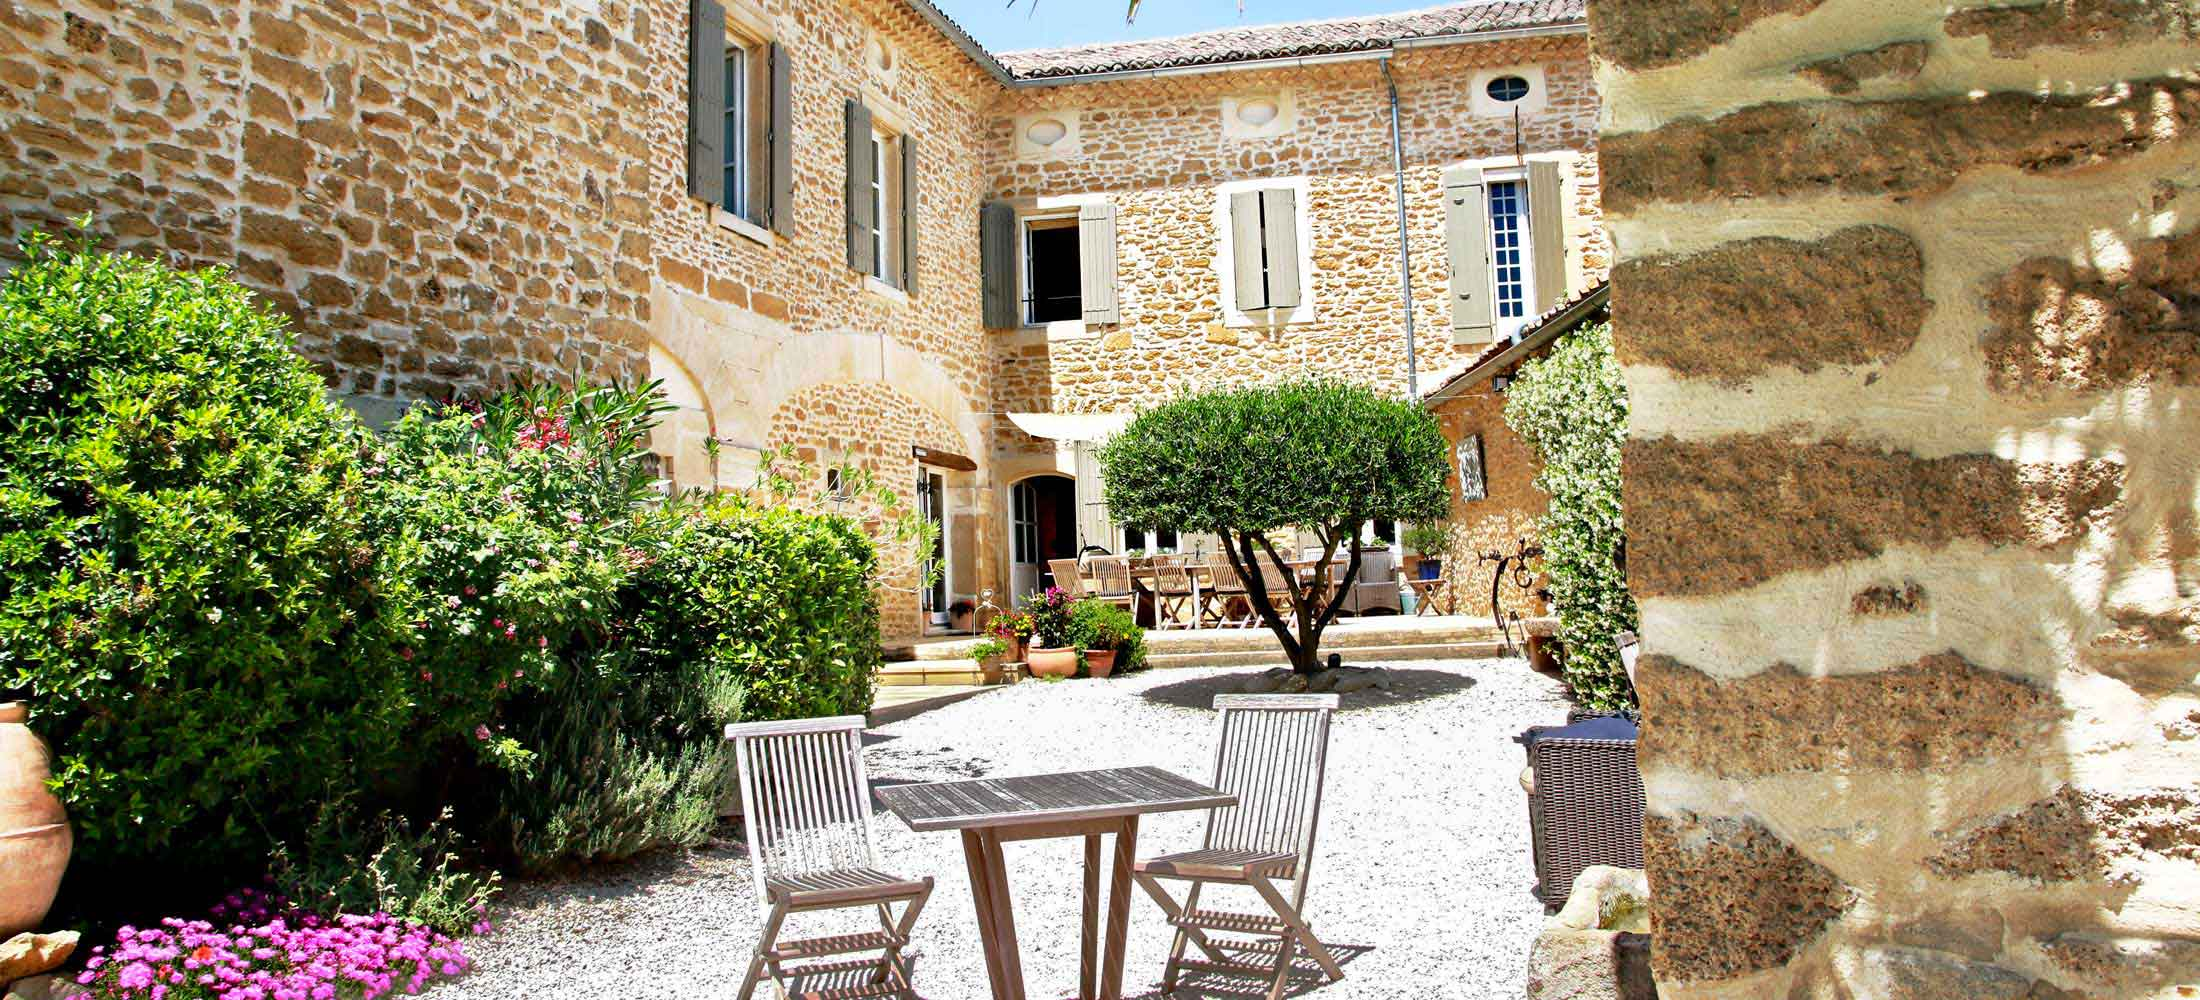 Maison d h´tes  Grignan chambres d h´tes séjour Provence piscine